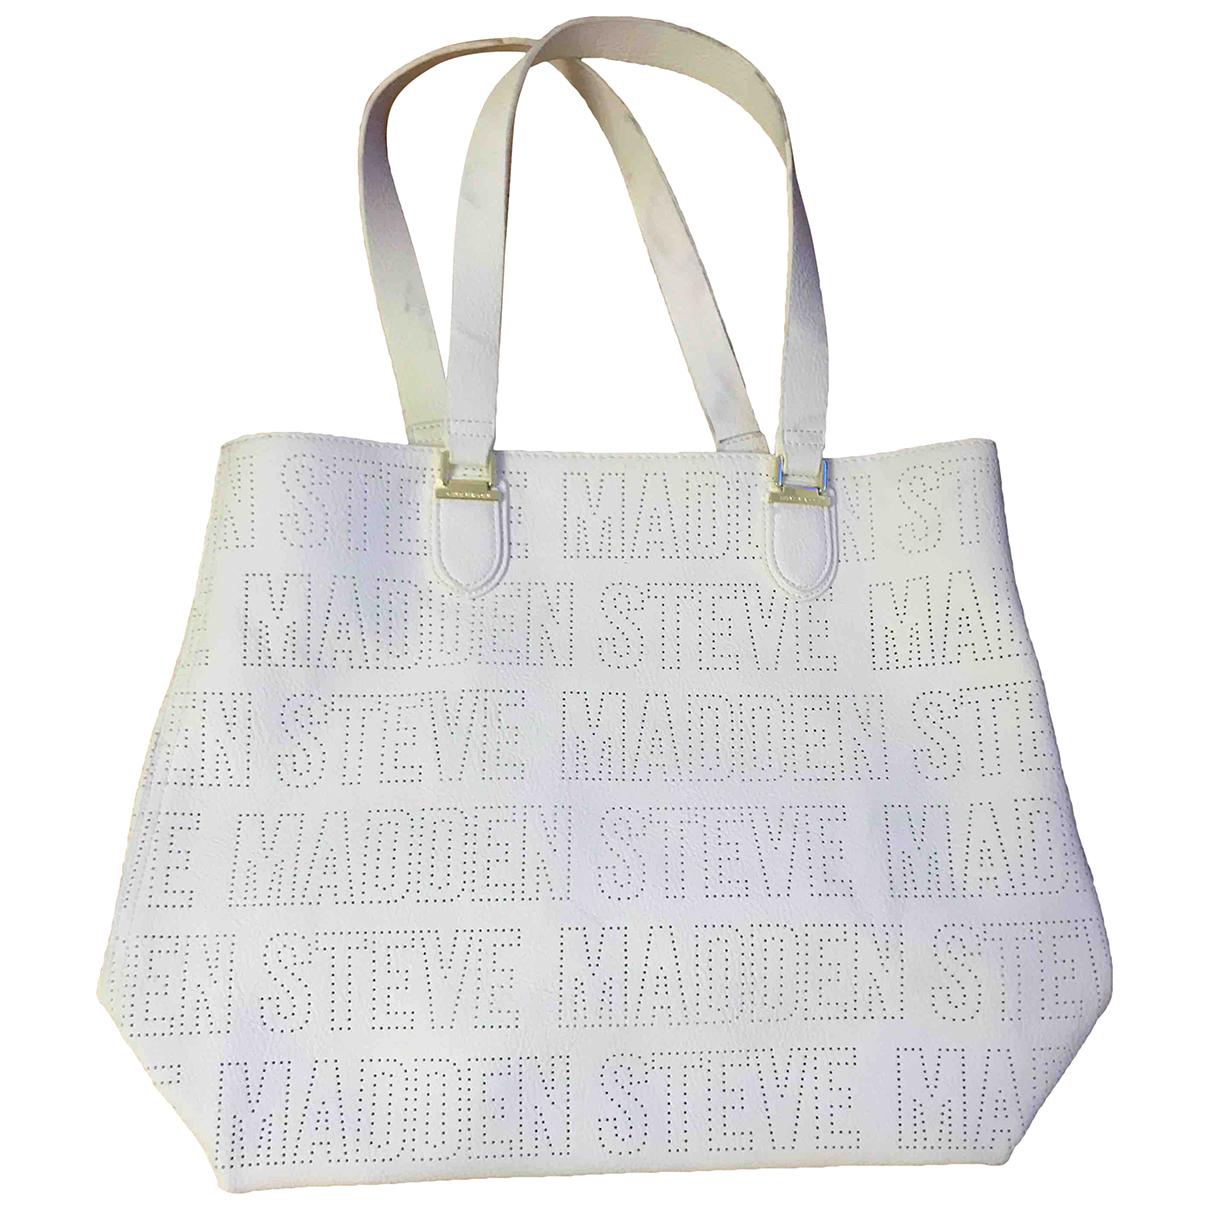 Steve Madden - Sac a main   pour femme en cuir verni - blanc